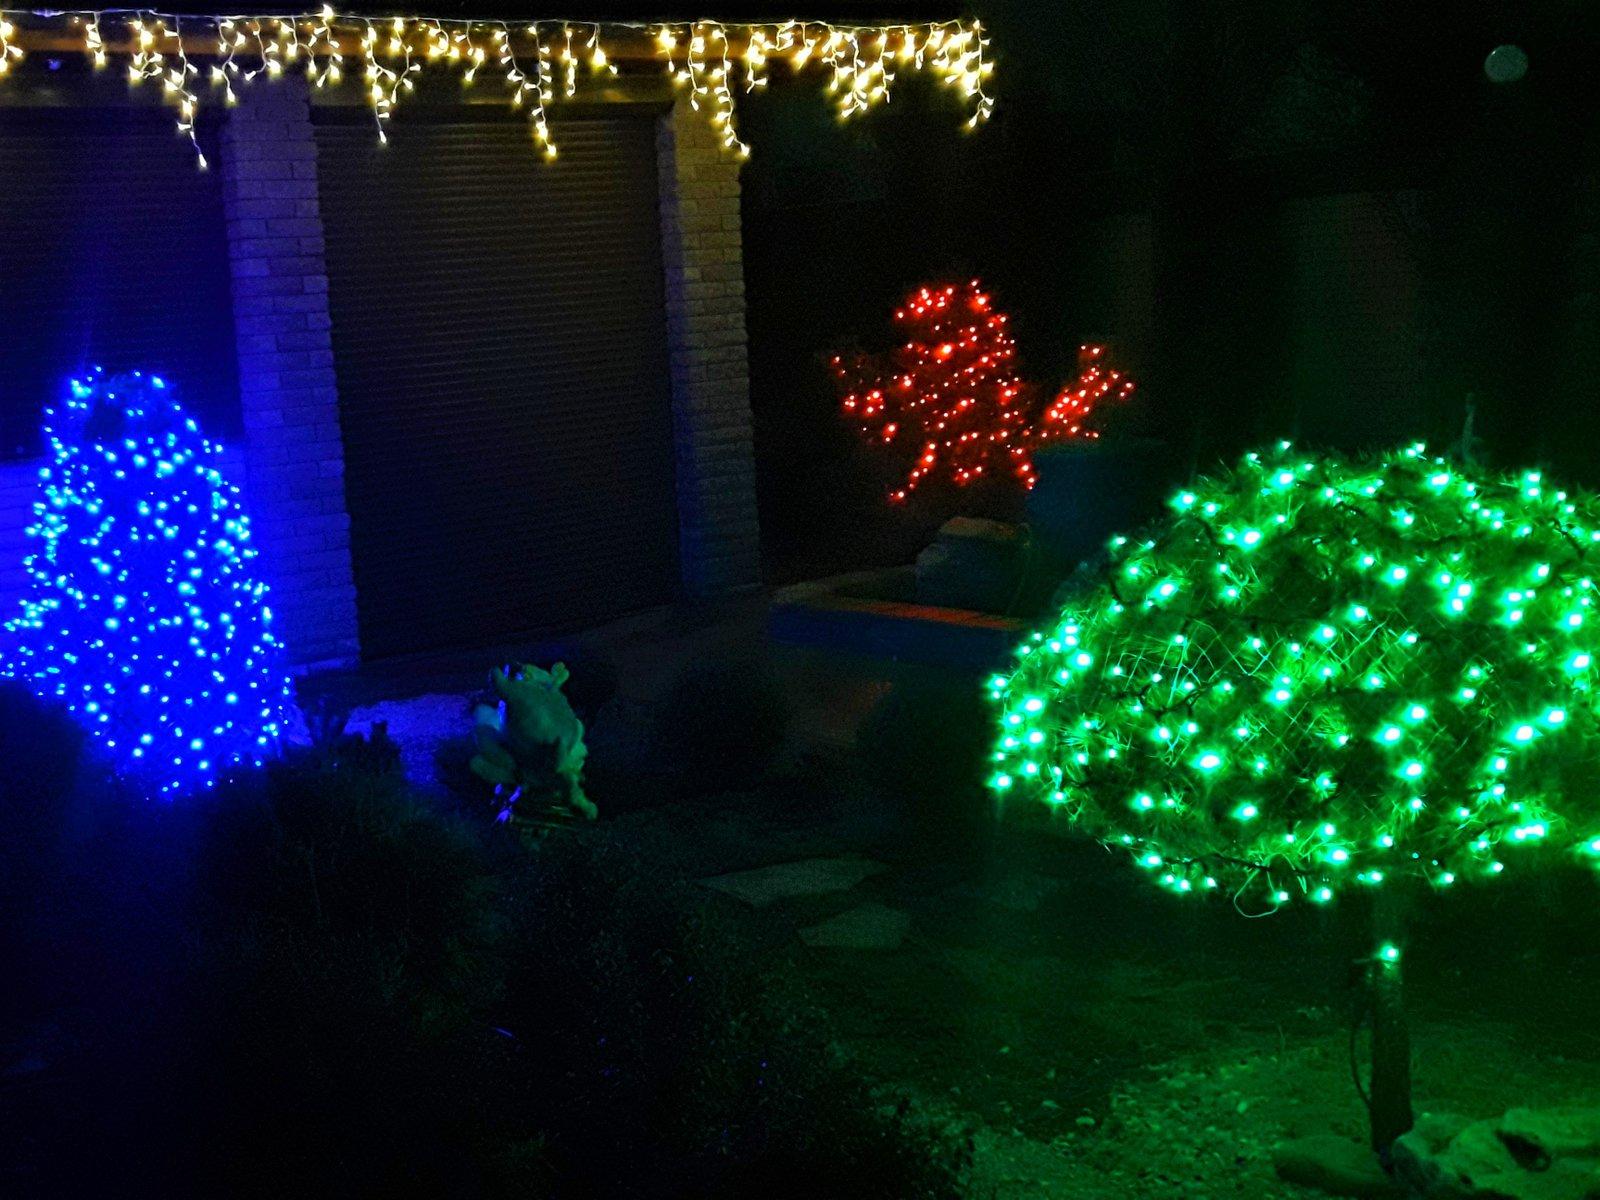 украсить растения на новый год в саду Мелитополь, специалисты по установки гирлянд Мелитополь, дизайн украшение на новый год Мелитополь, создать сказку на новый год Мелитополь